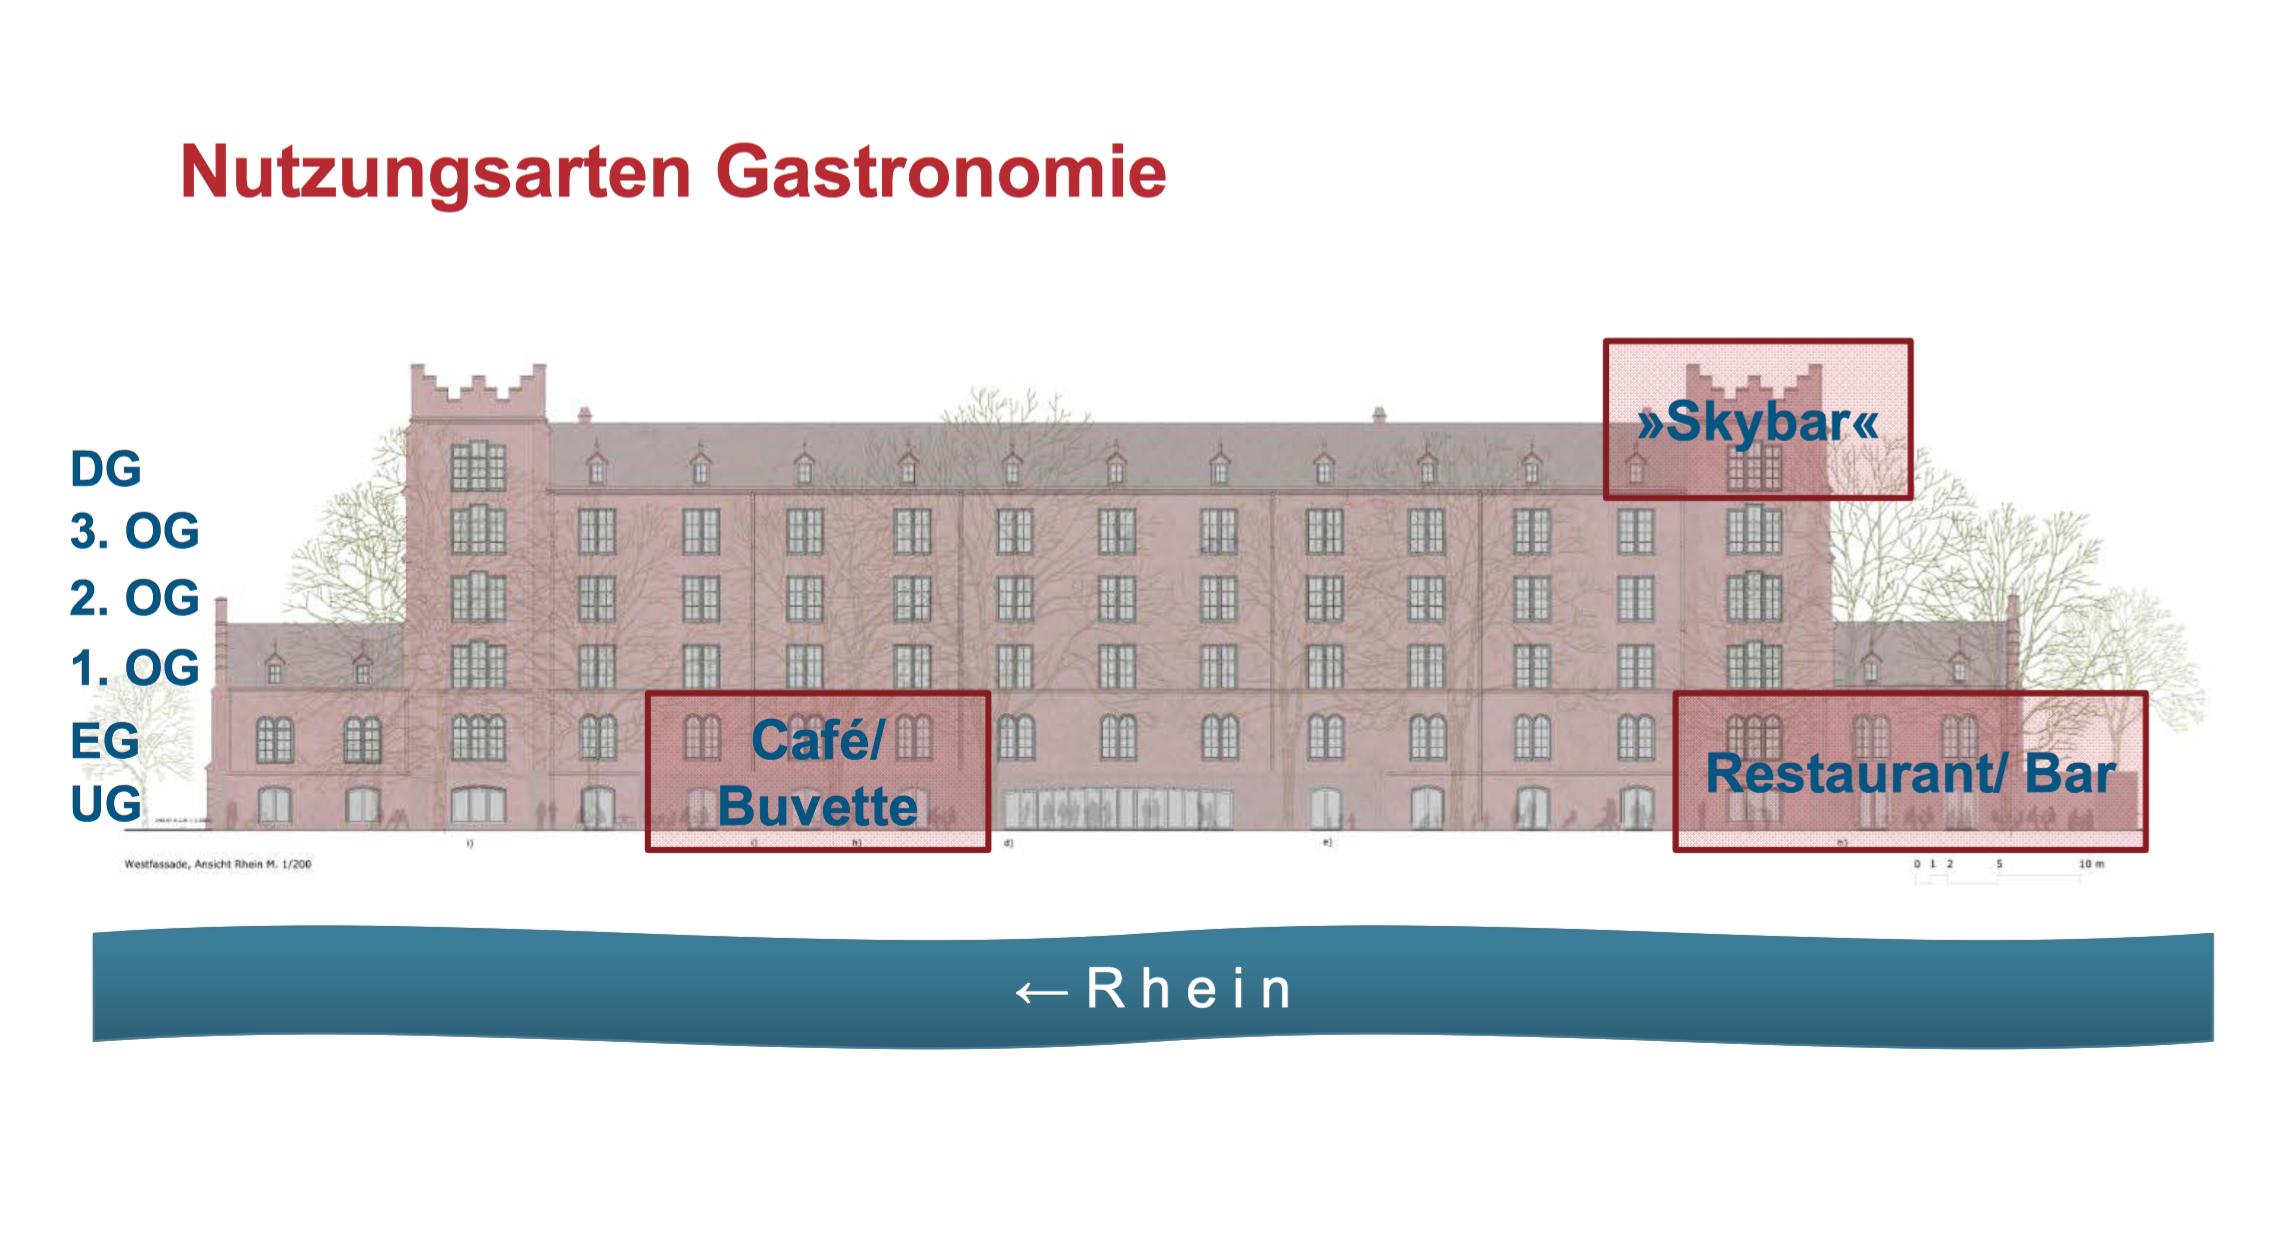 Aus dem Nutzungskonzept: Räume für gastronomische Angebote.